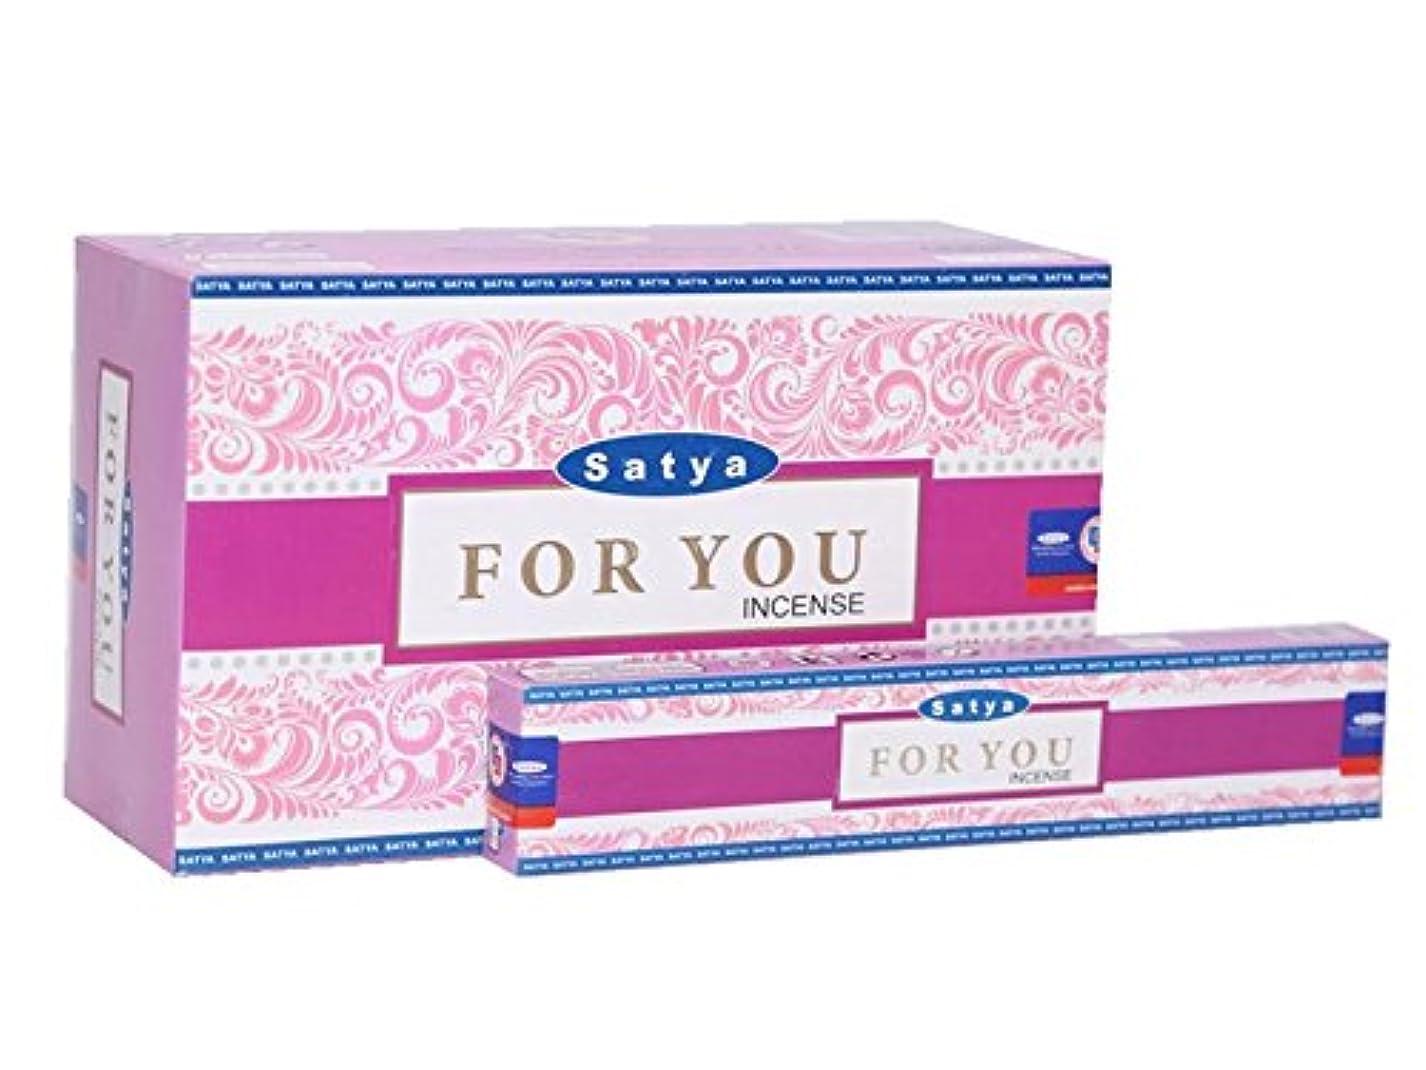 露出度の高い東部フローティングSatya for You Incense Sticks 15グラムパック、12カウントin aボックス